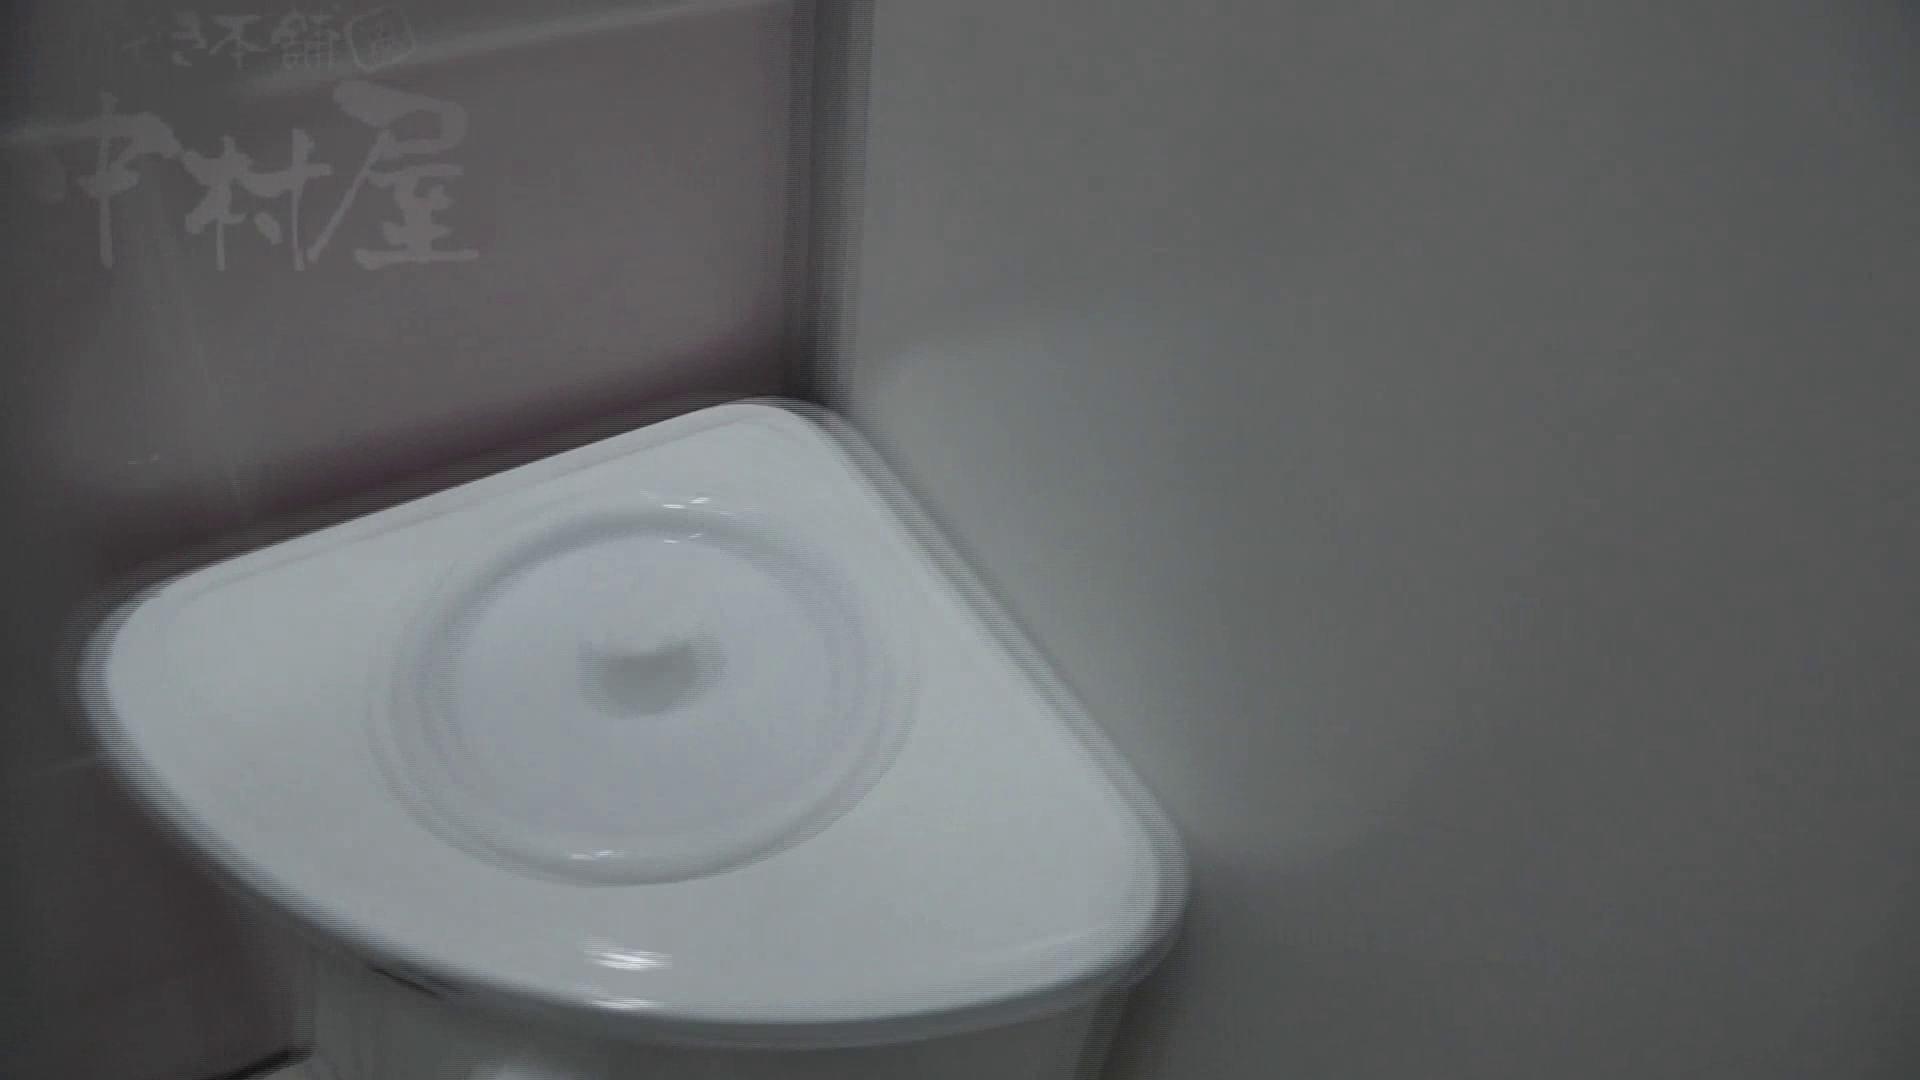 美しい日本の未来 No.17 番外編 ※※※閲覧注意※※※ 女子トイレ 盗撮セックス無修正動画無料 105画像 70